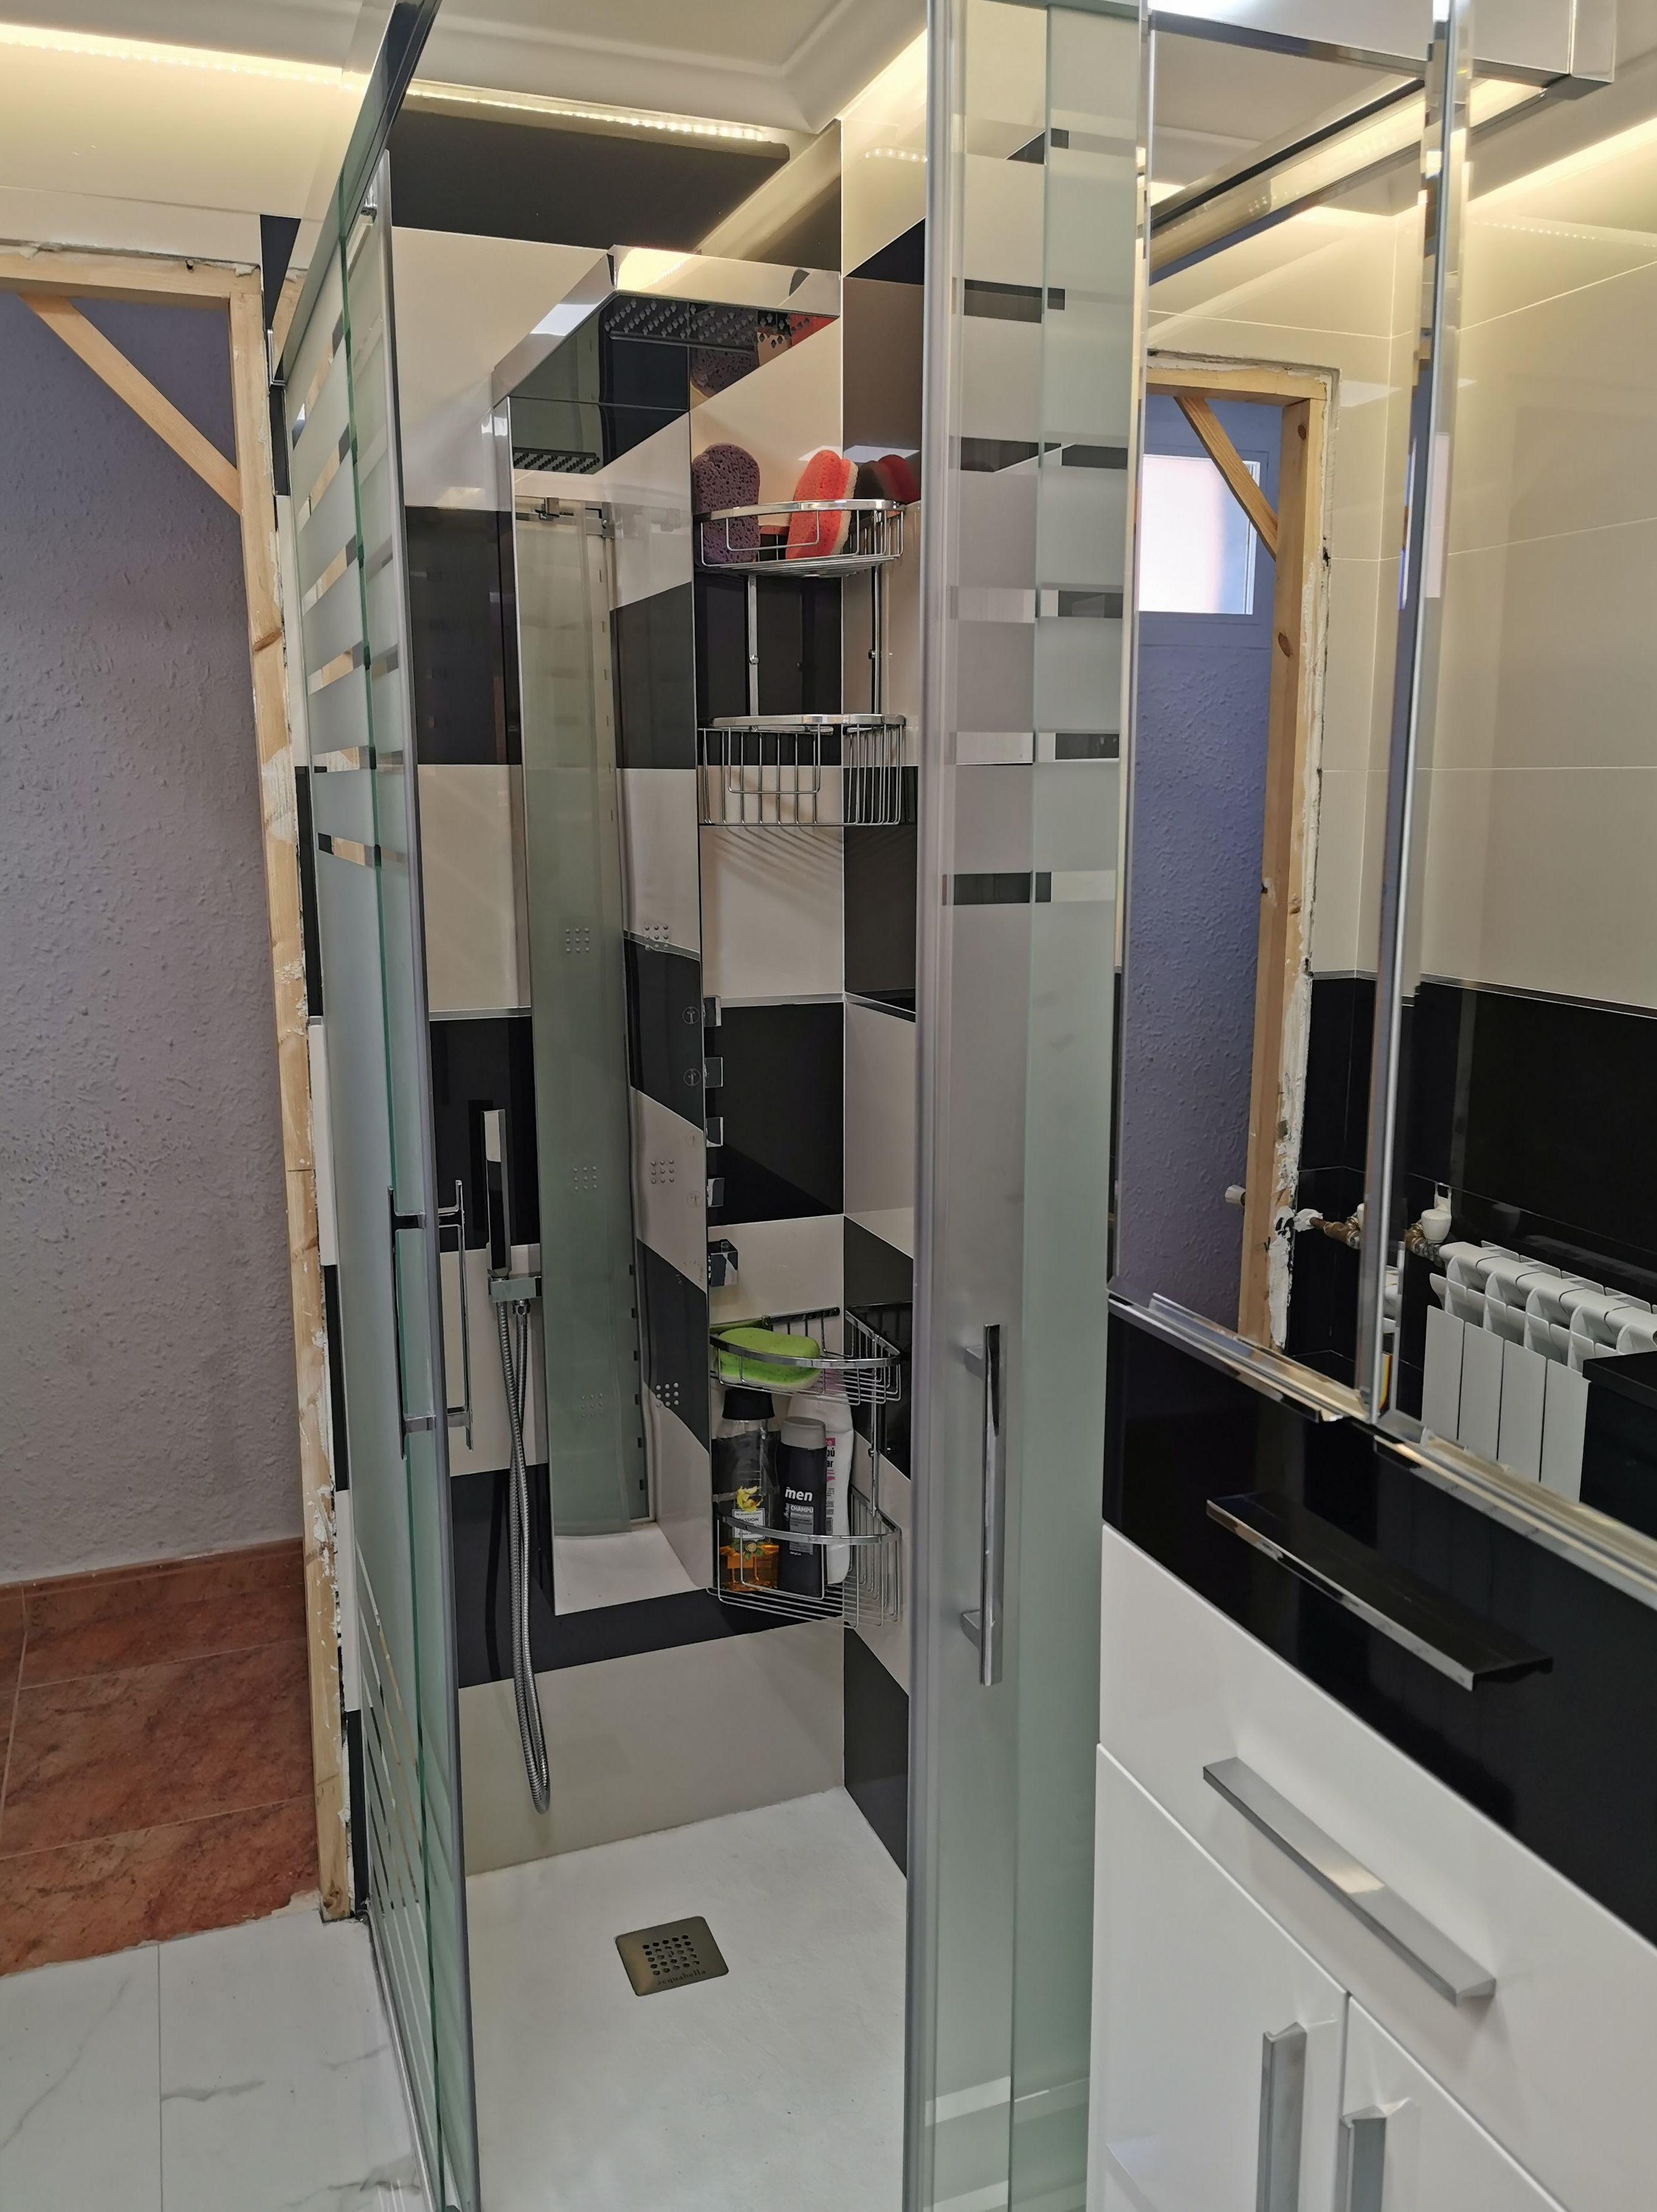 Foto 22 de Reformas en baños y cocinas en Trobajo del Camino | F. Alba, cocinas y baños